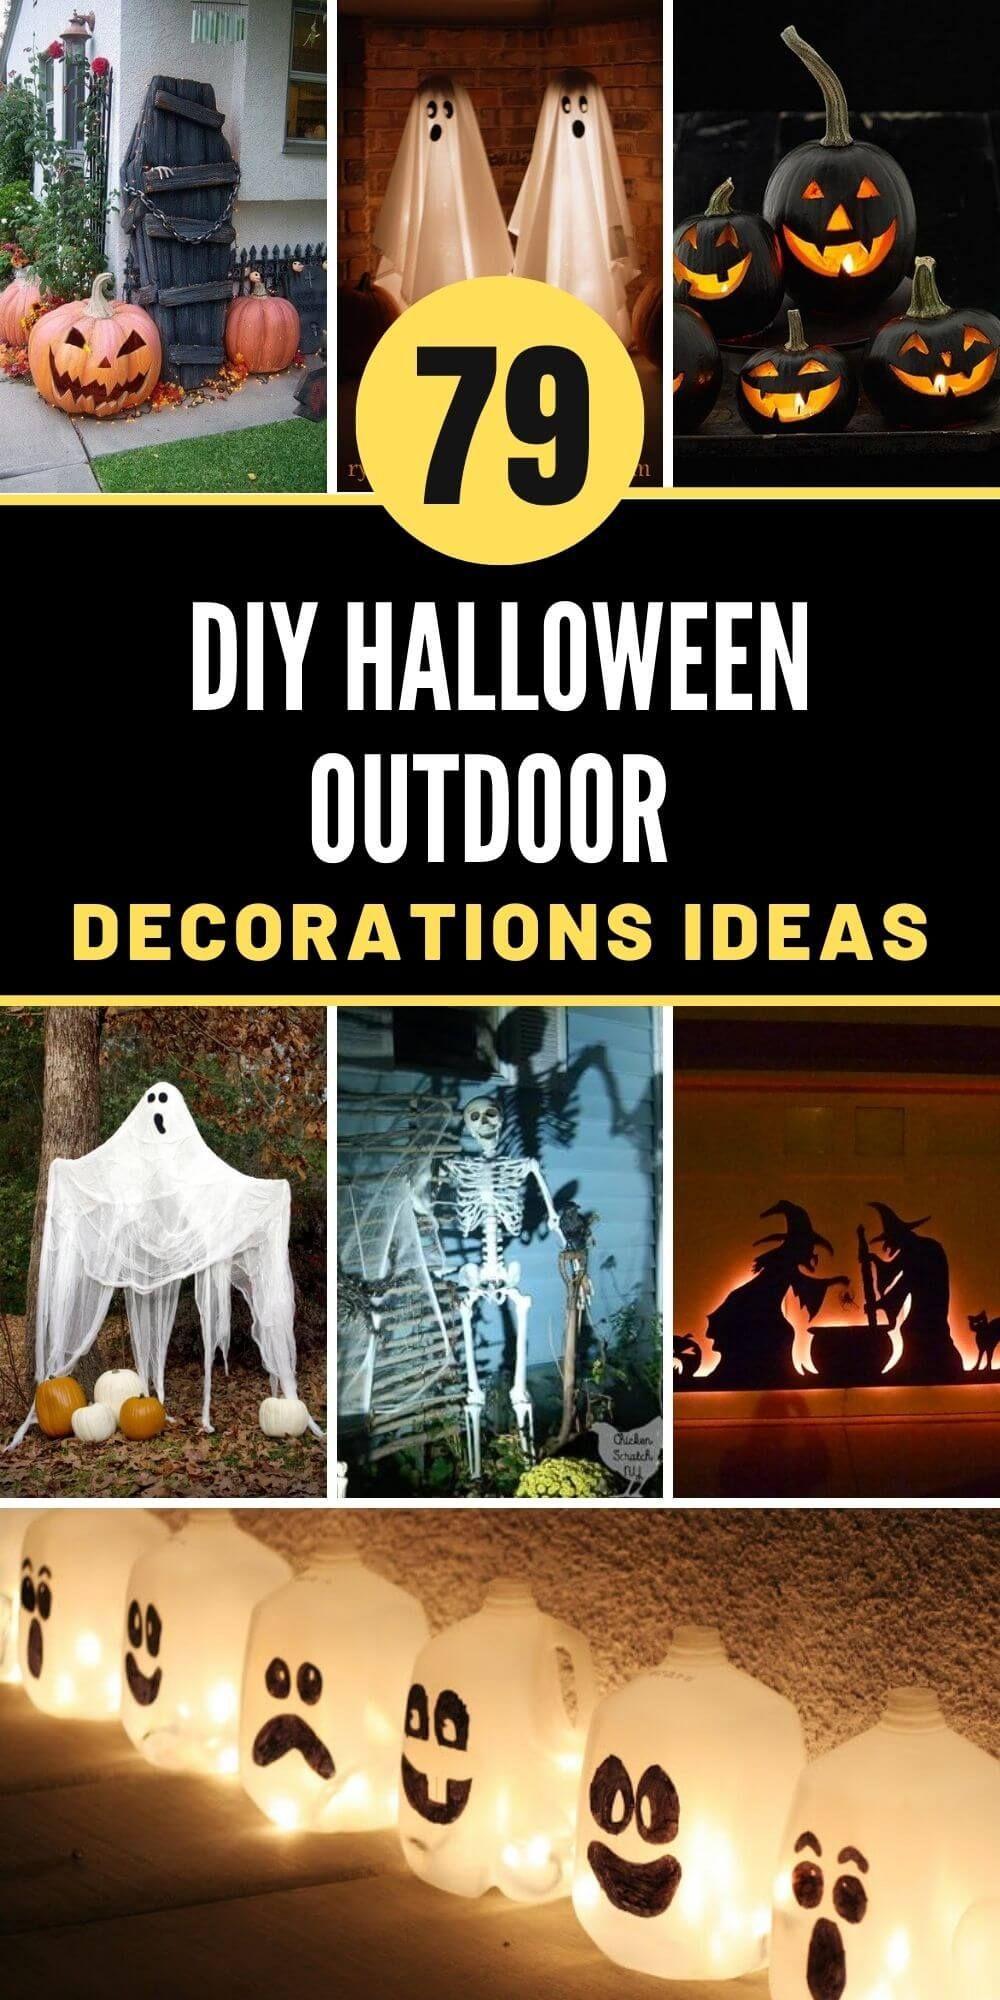 79 Best DIY Halloween Outdoor Decorations Ideas